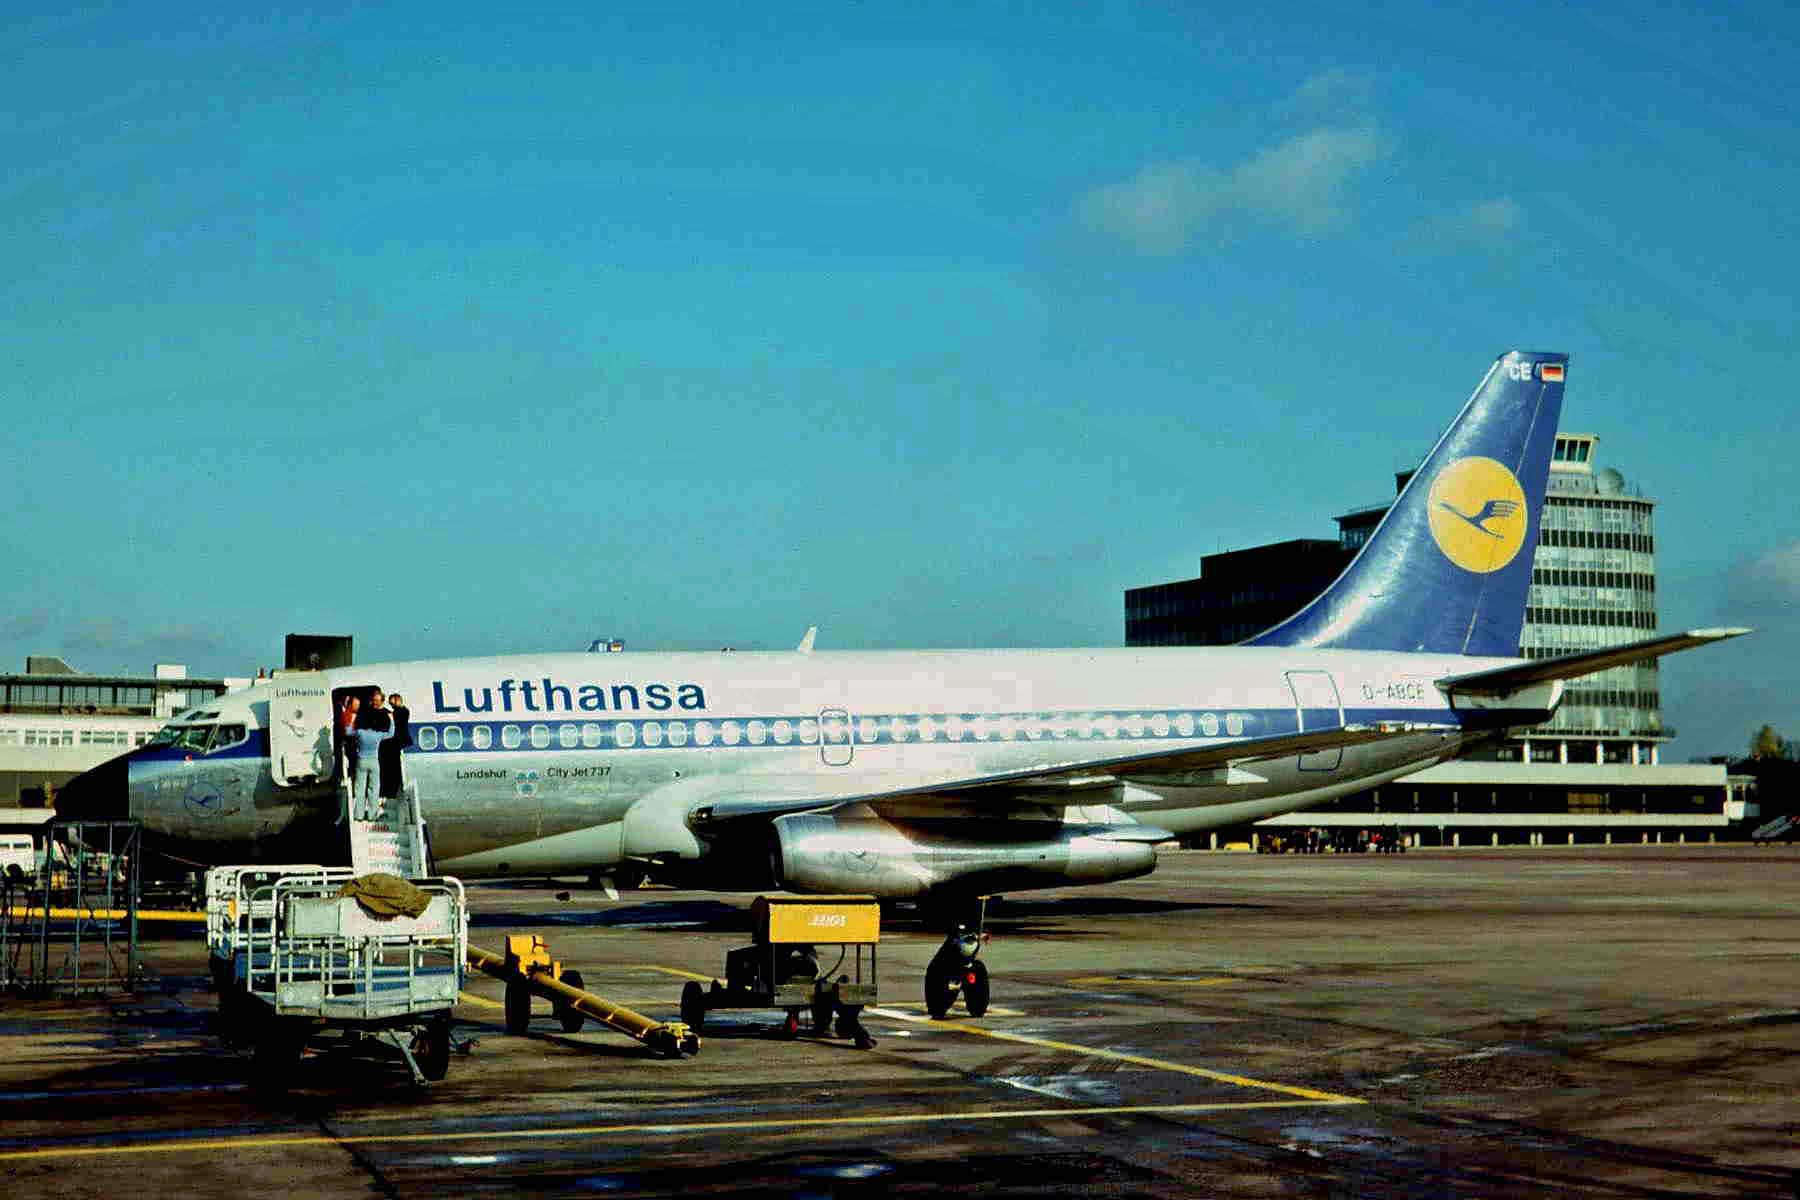 Entführung Des Flugzeugs Landshut Wikipedia